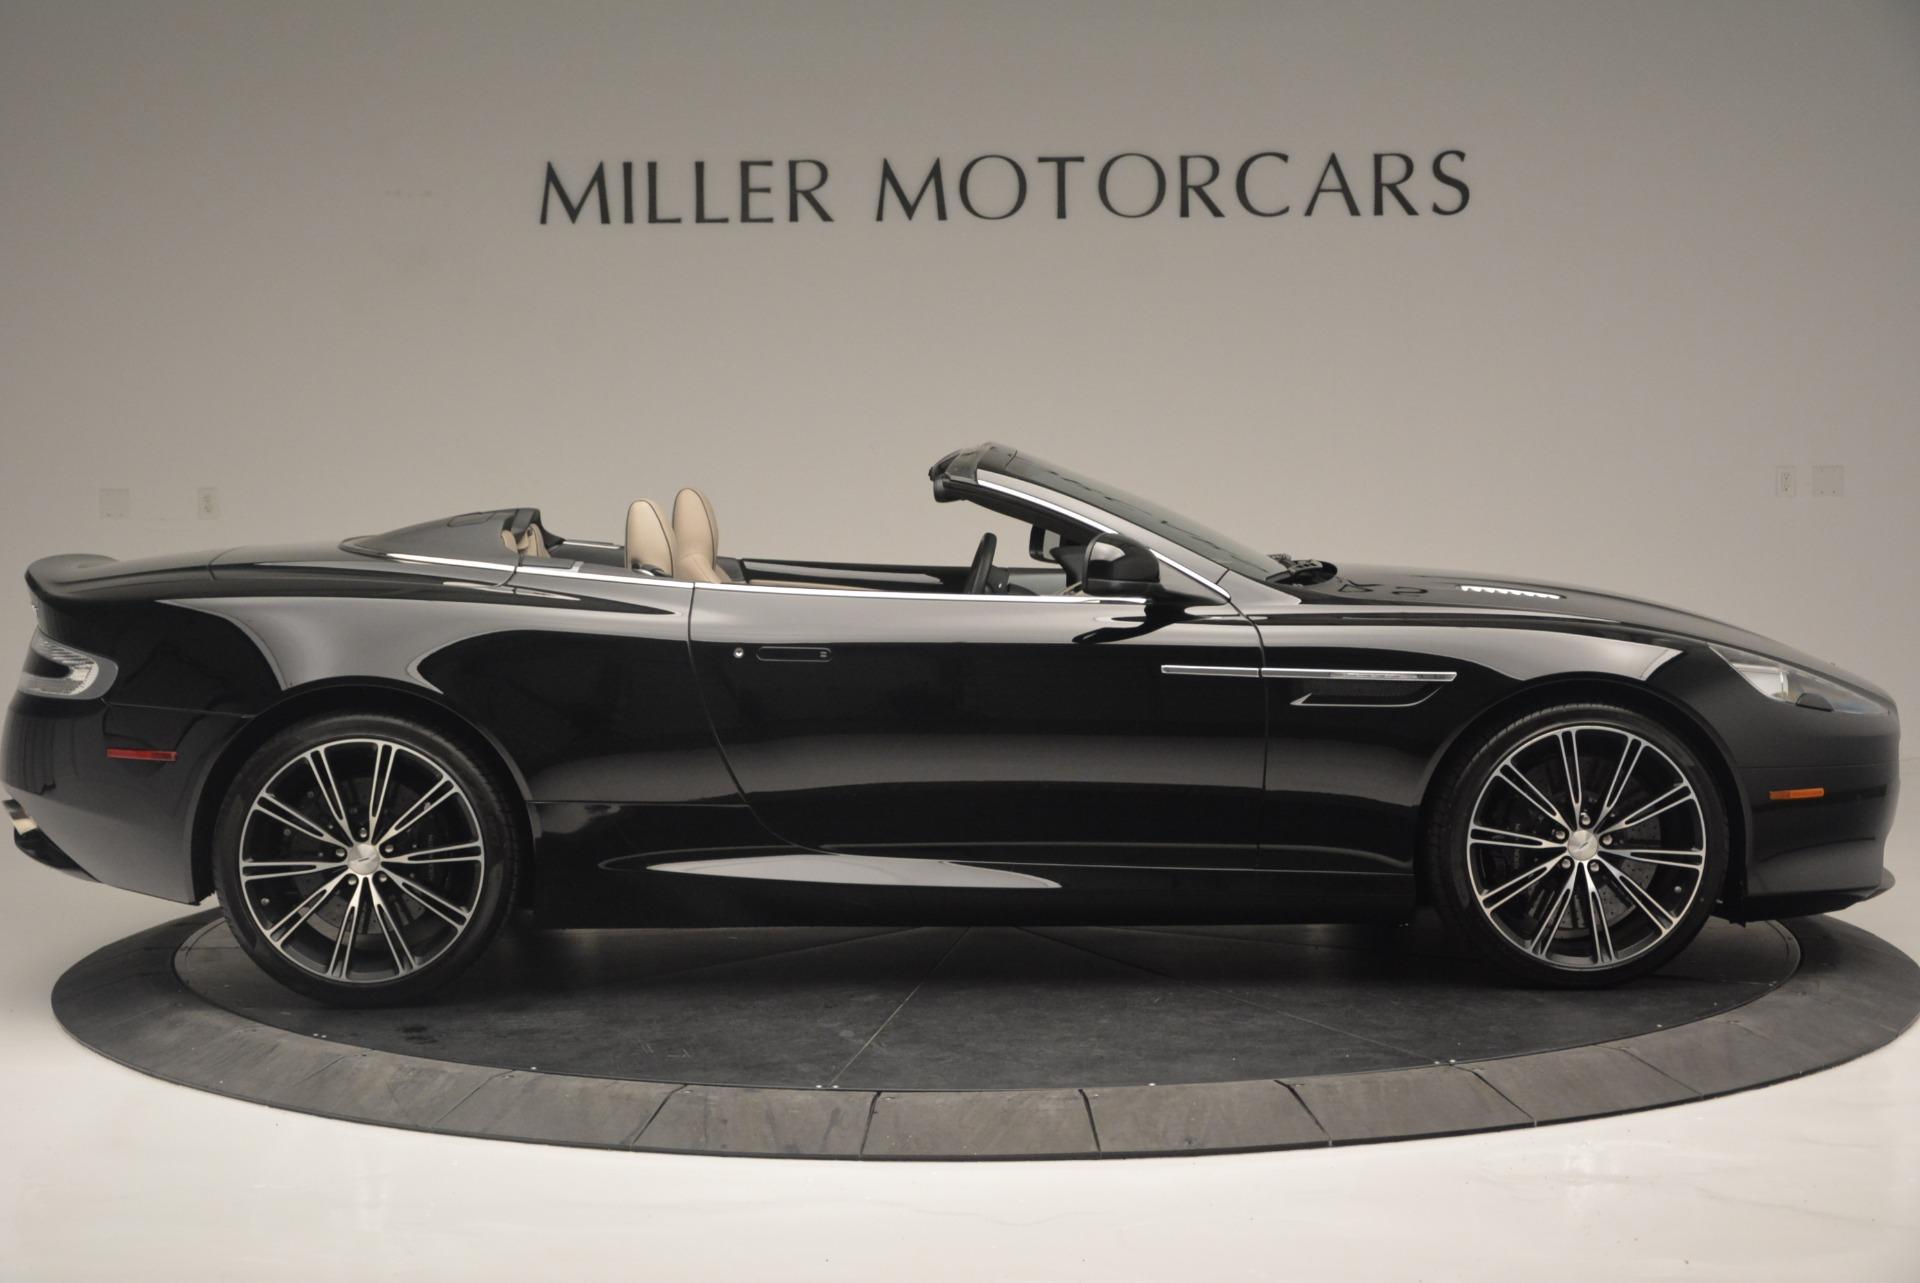 Used 2015 Aston Martin DB9 Volante For Sale In Greenwich, CT 2318_p9